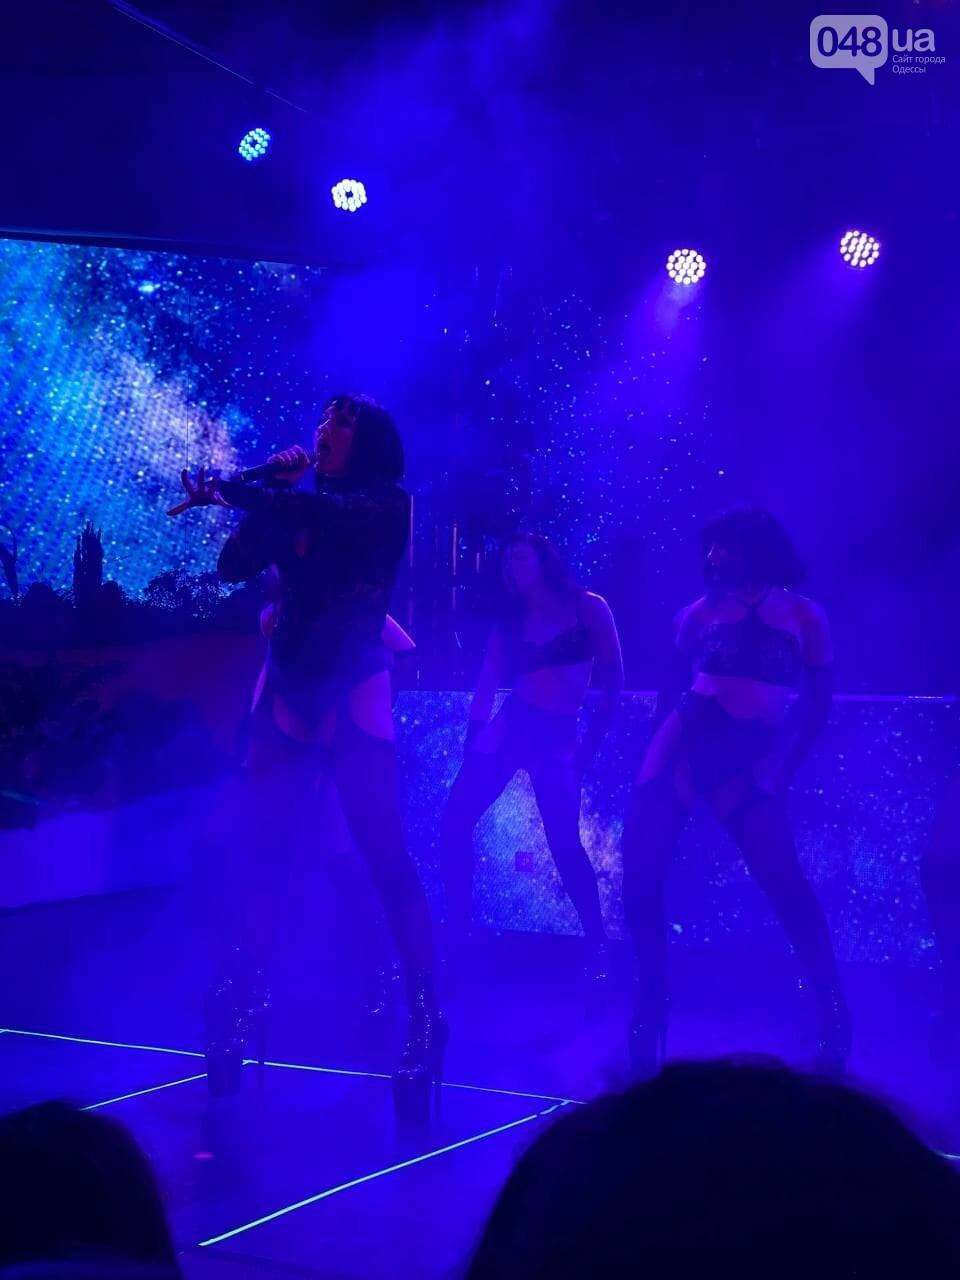 Марув в Одессе спела новый трек и полила фанатов шампанским,- ФОТО, ВИДЕО, фото-3